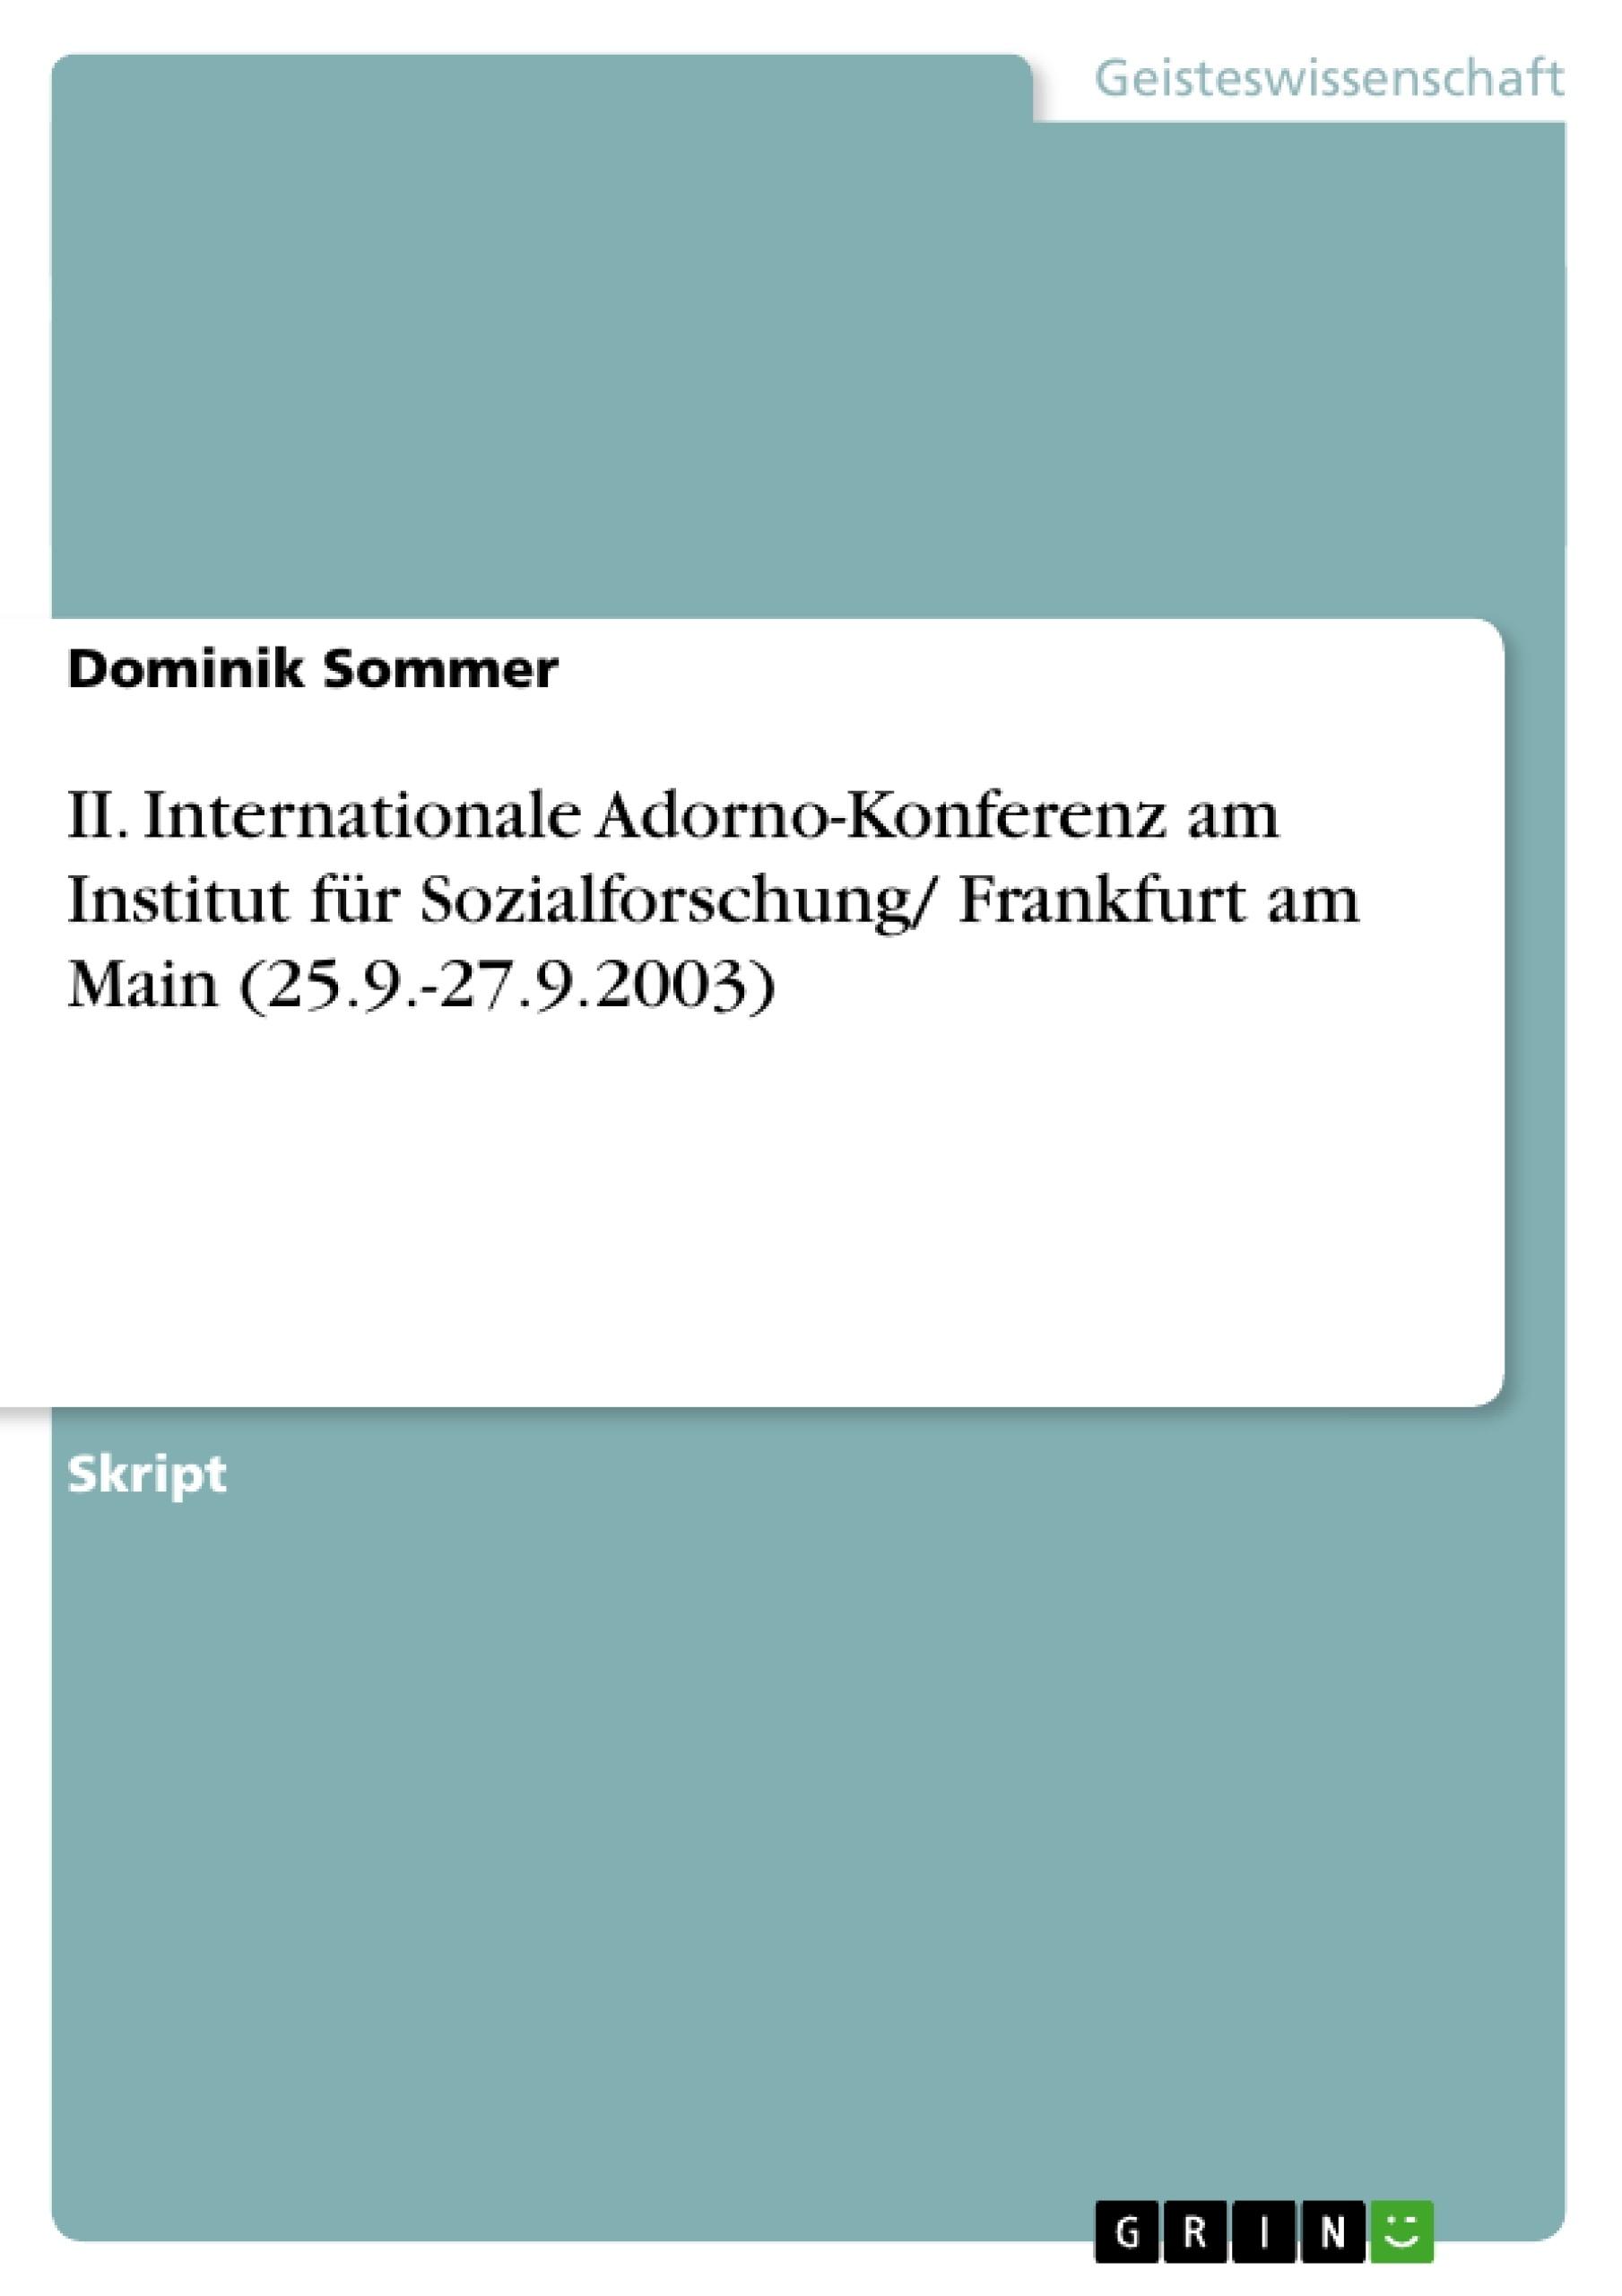 Titel: II. Internationale Adorno-Konferenz am Institut für Sozialforschung/ Frankfurt am Main (25.9.-27.9.2003)